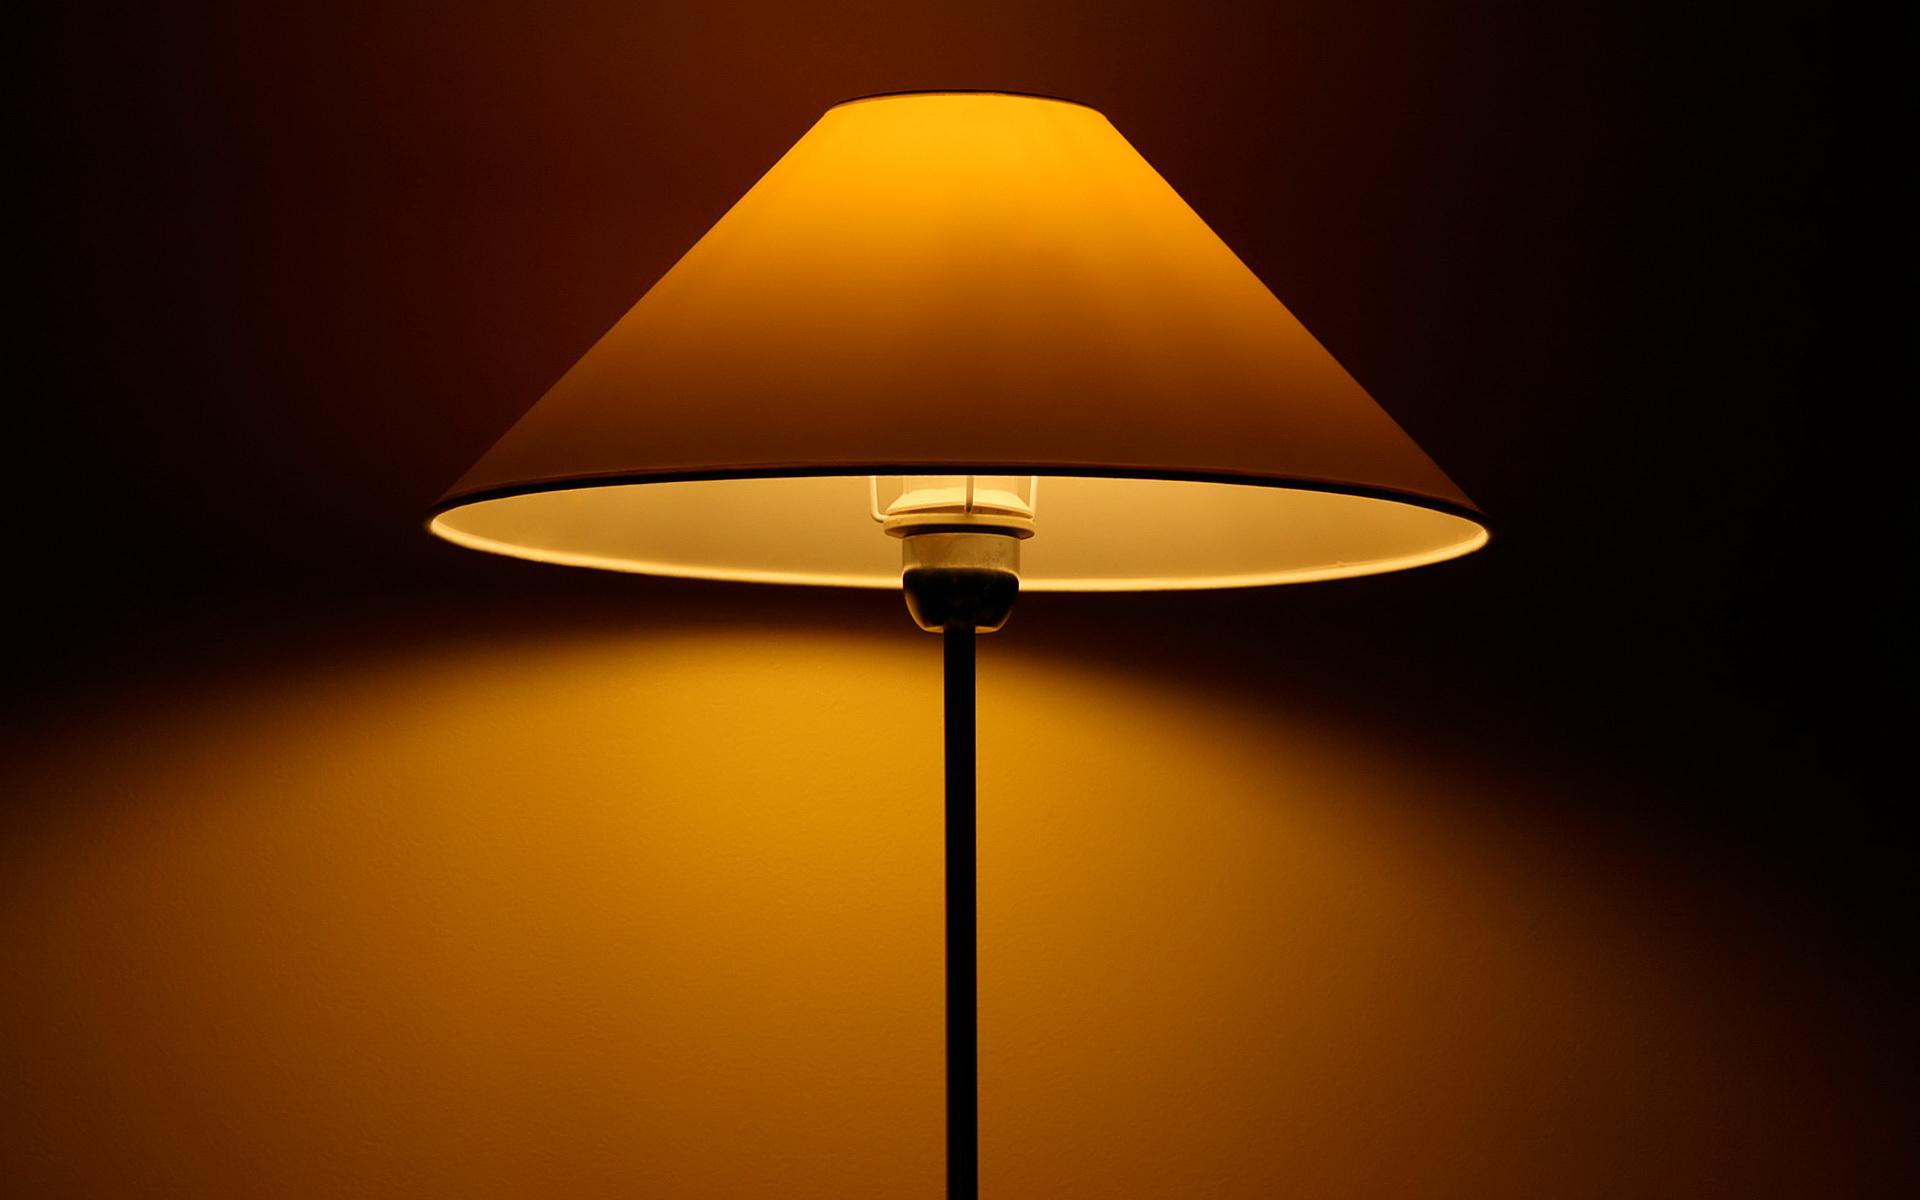 24 Wonderful Hd Lamp Wallpapers